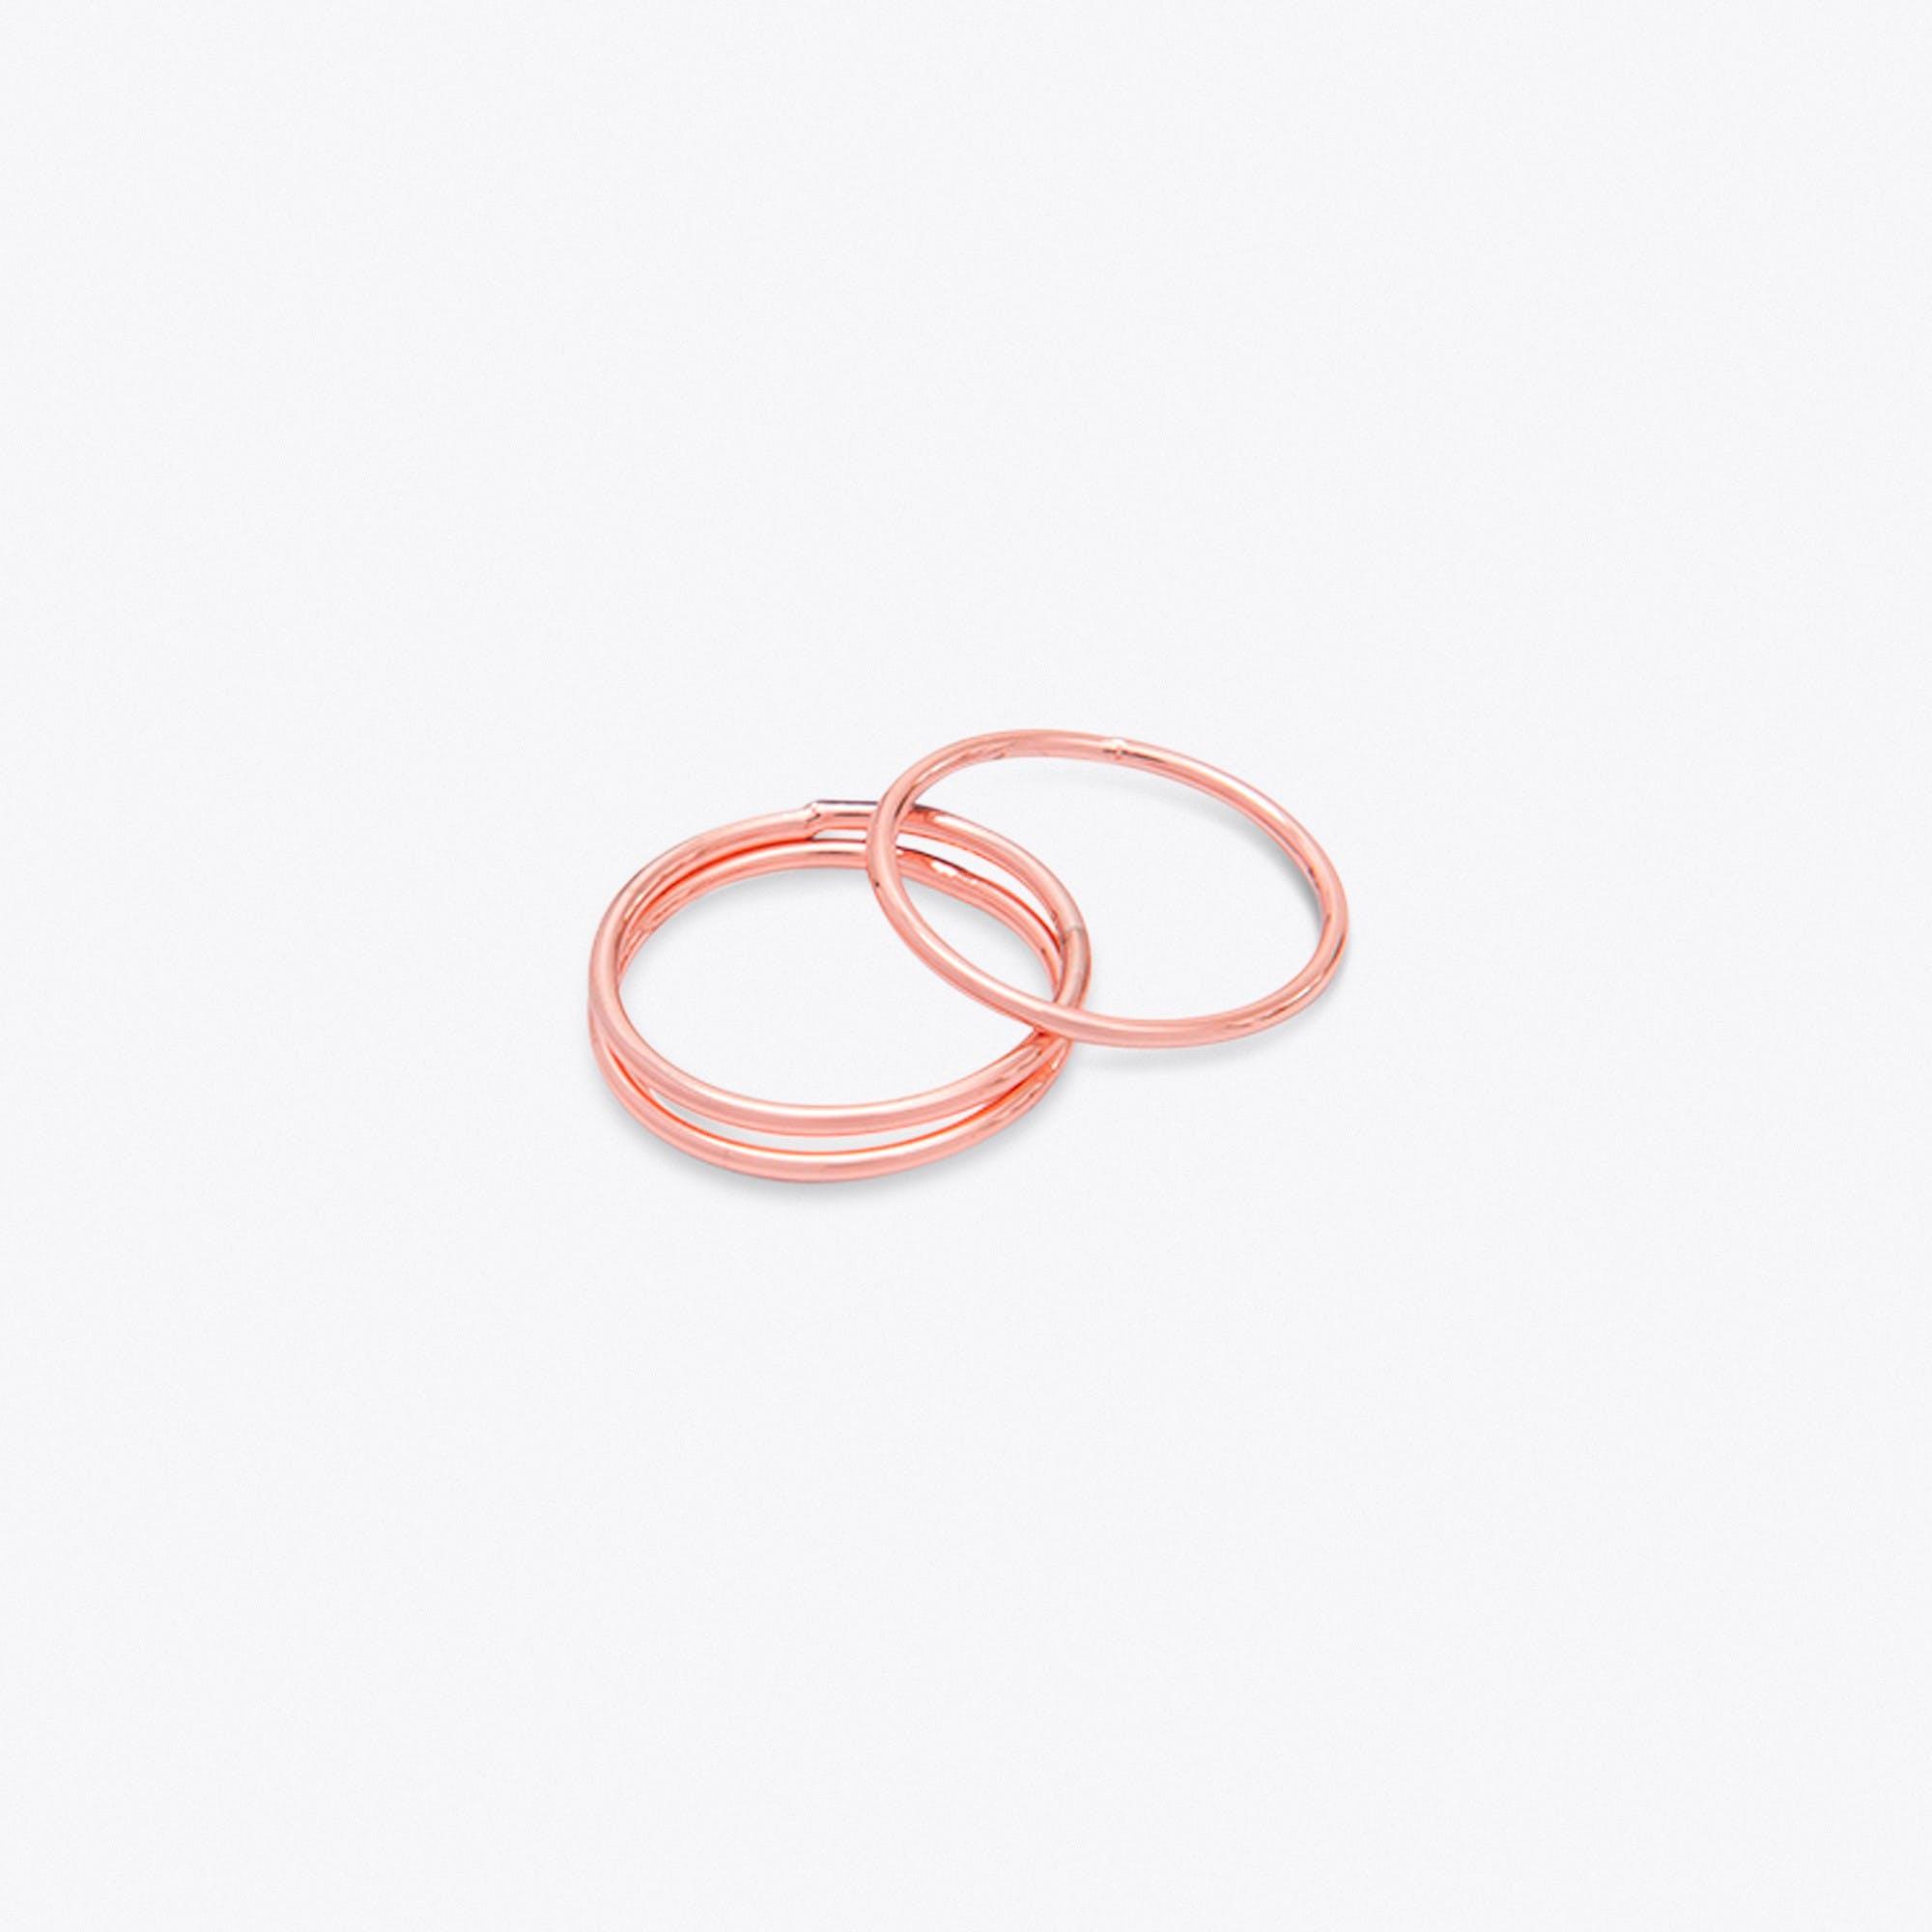 Thin Rose Gold Stacking Rings (set of 3)